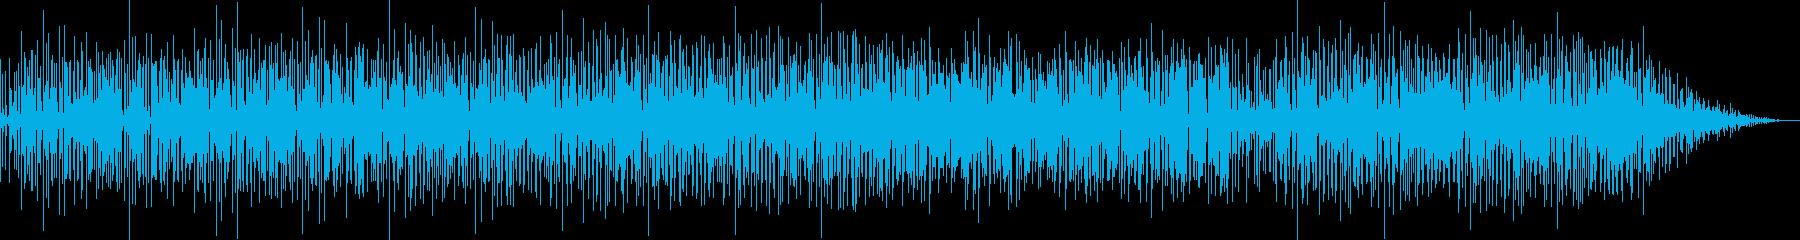 ノリの良いインストゥルメンタルファンクの再生済みの波形